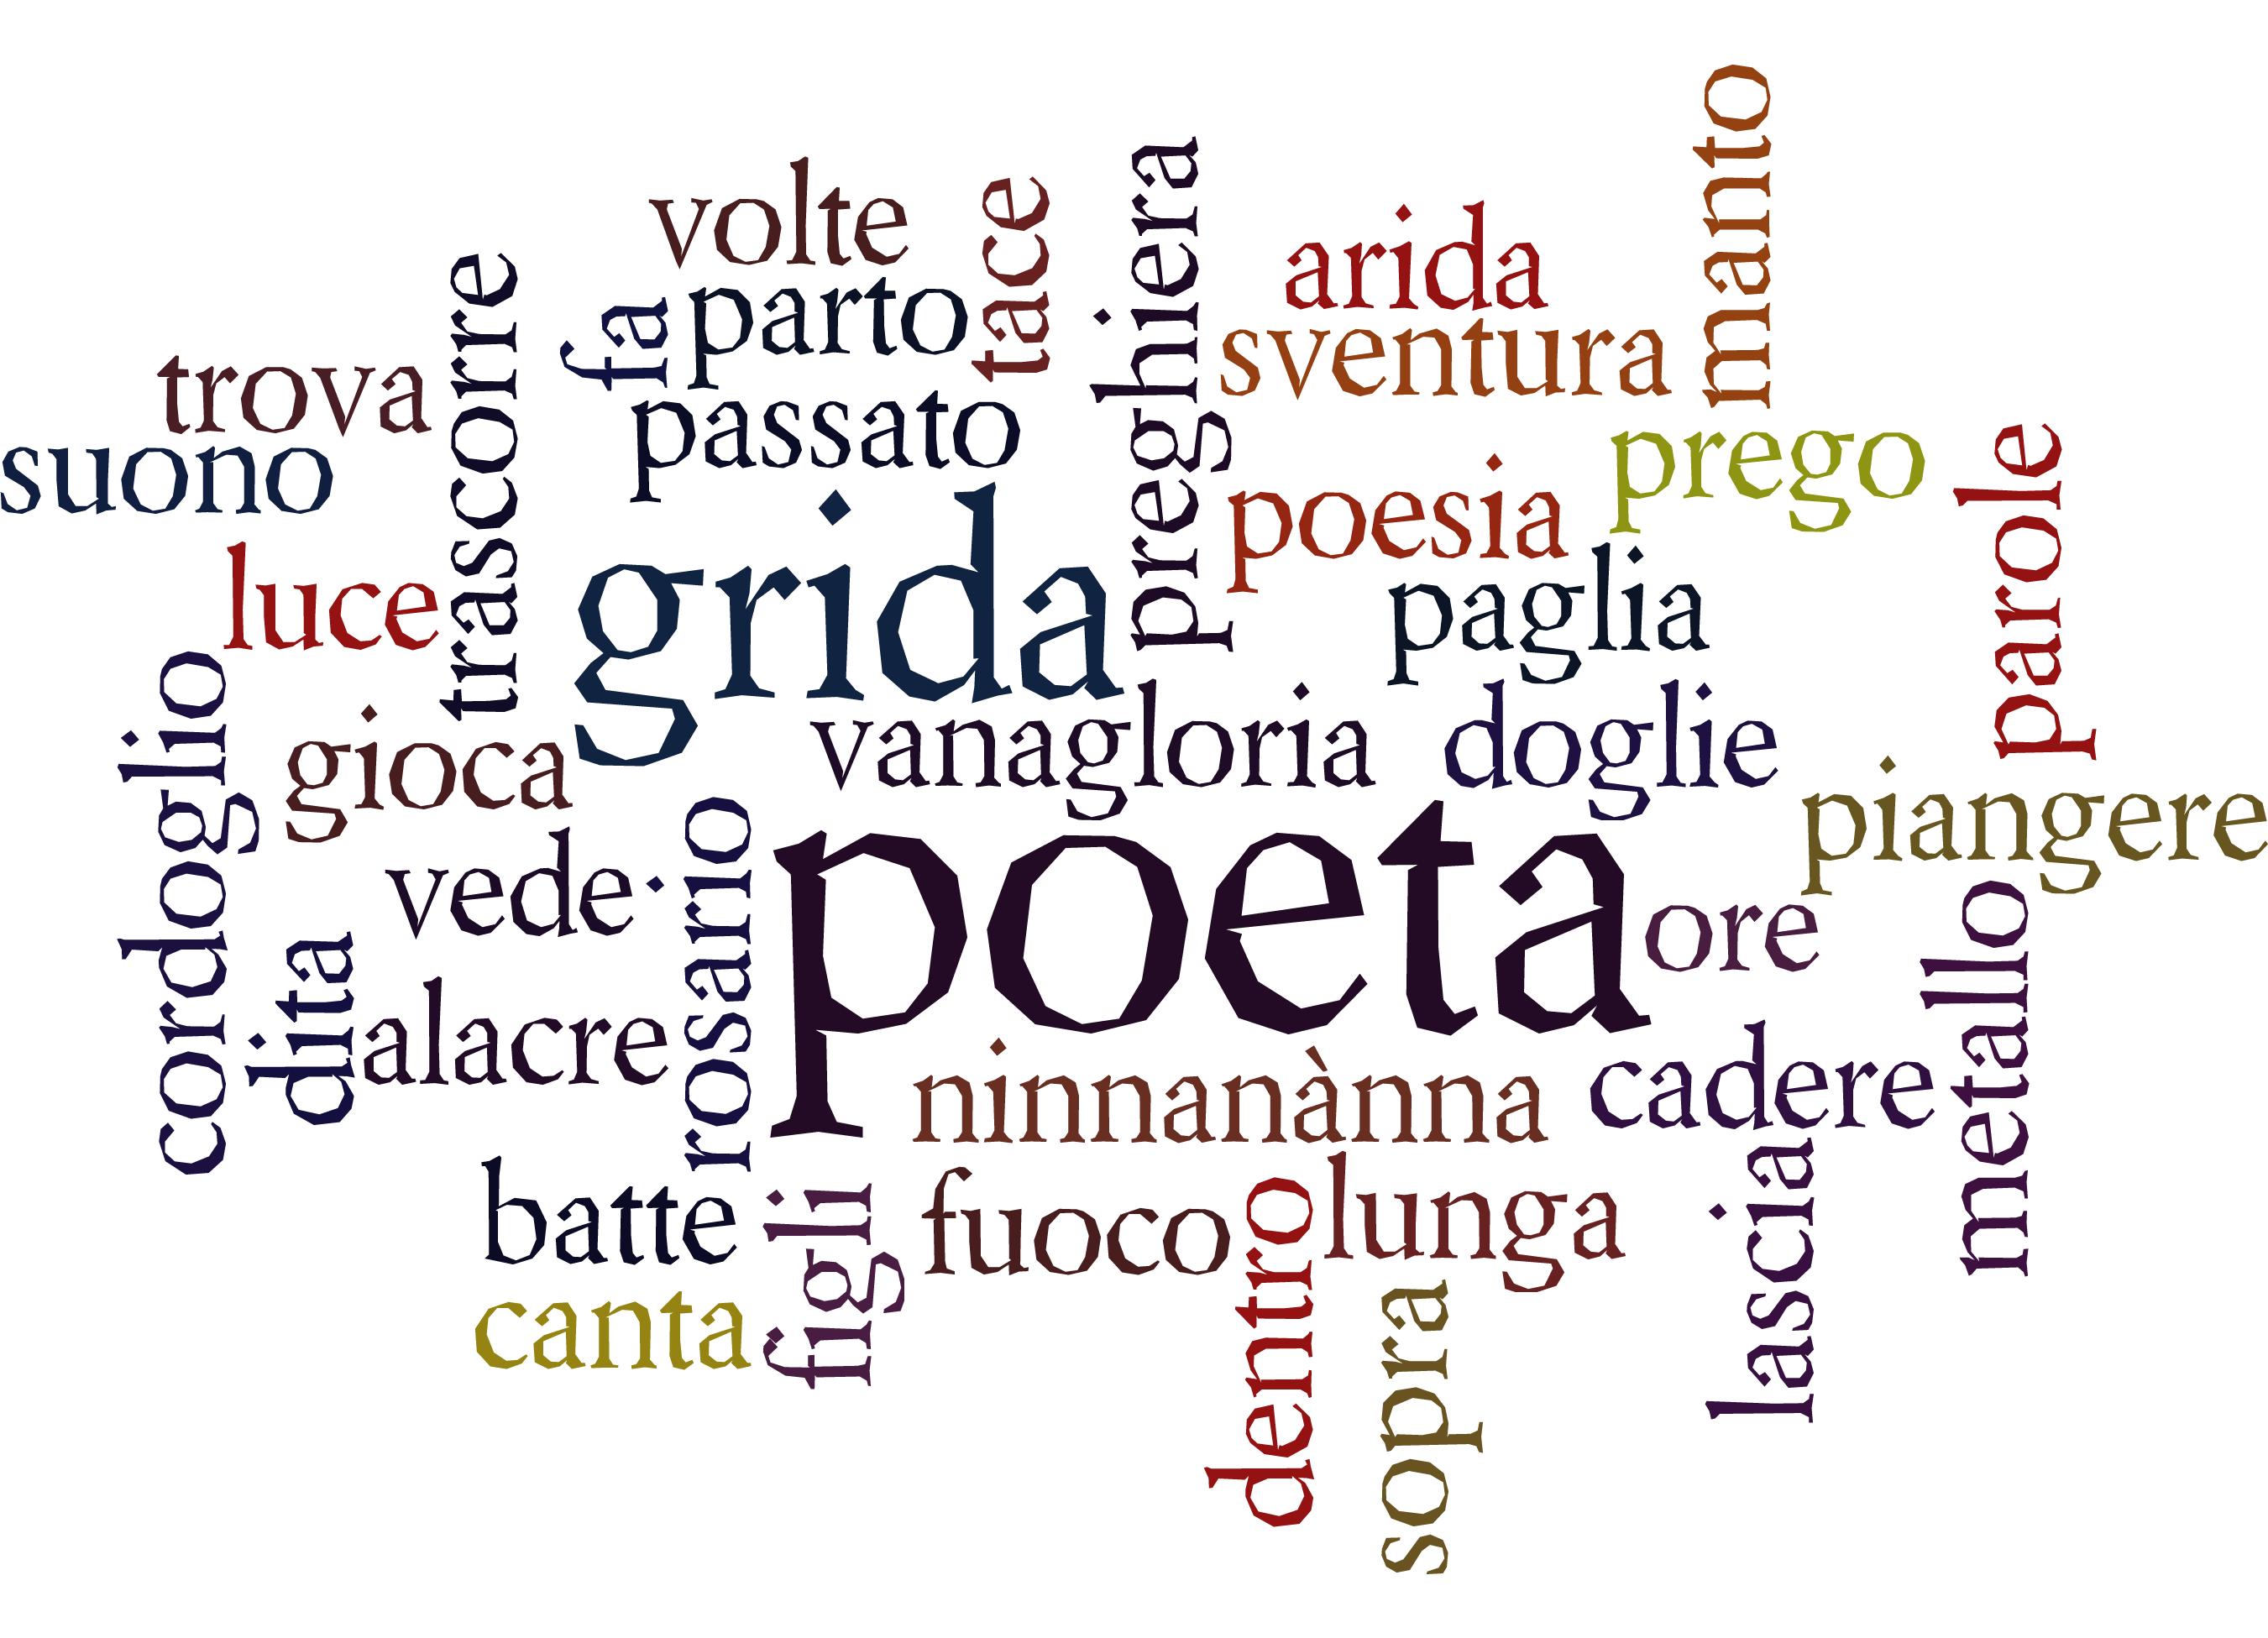 La mia poesia di Alda Merini